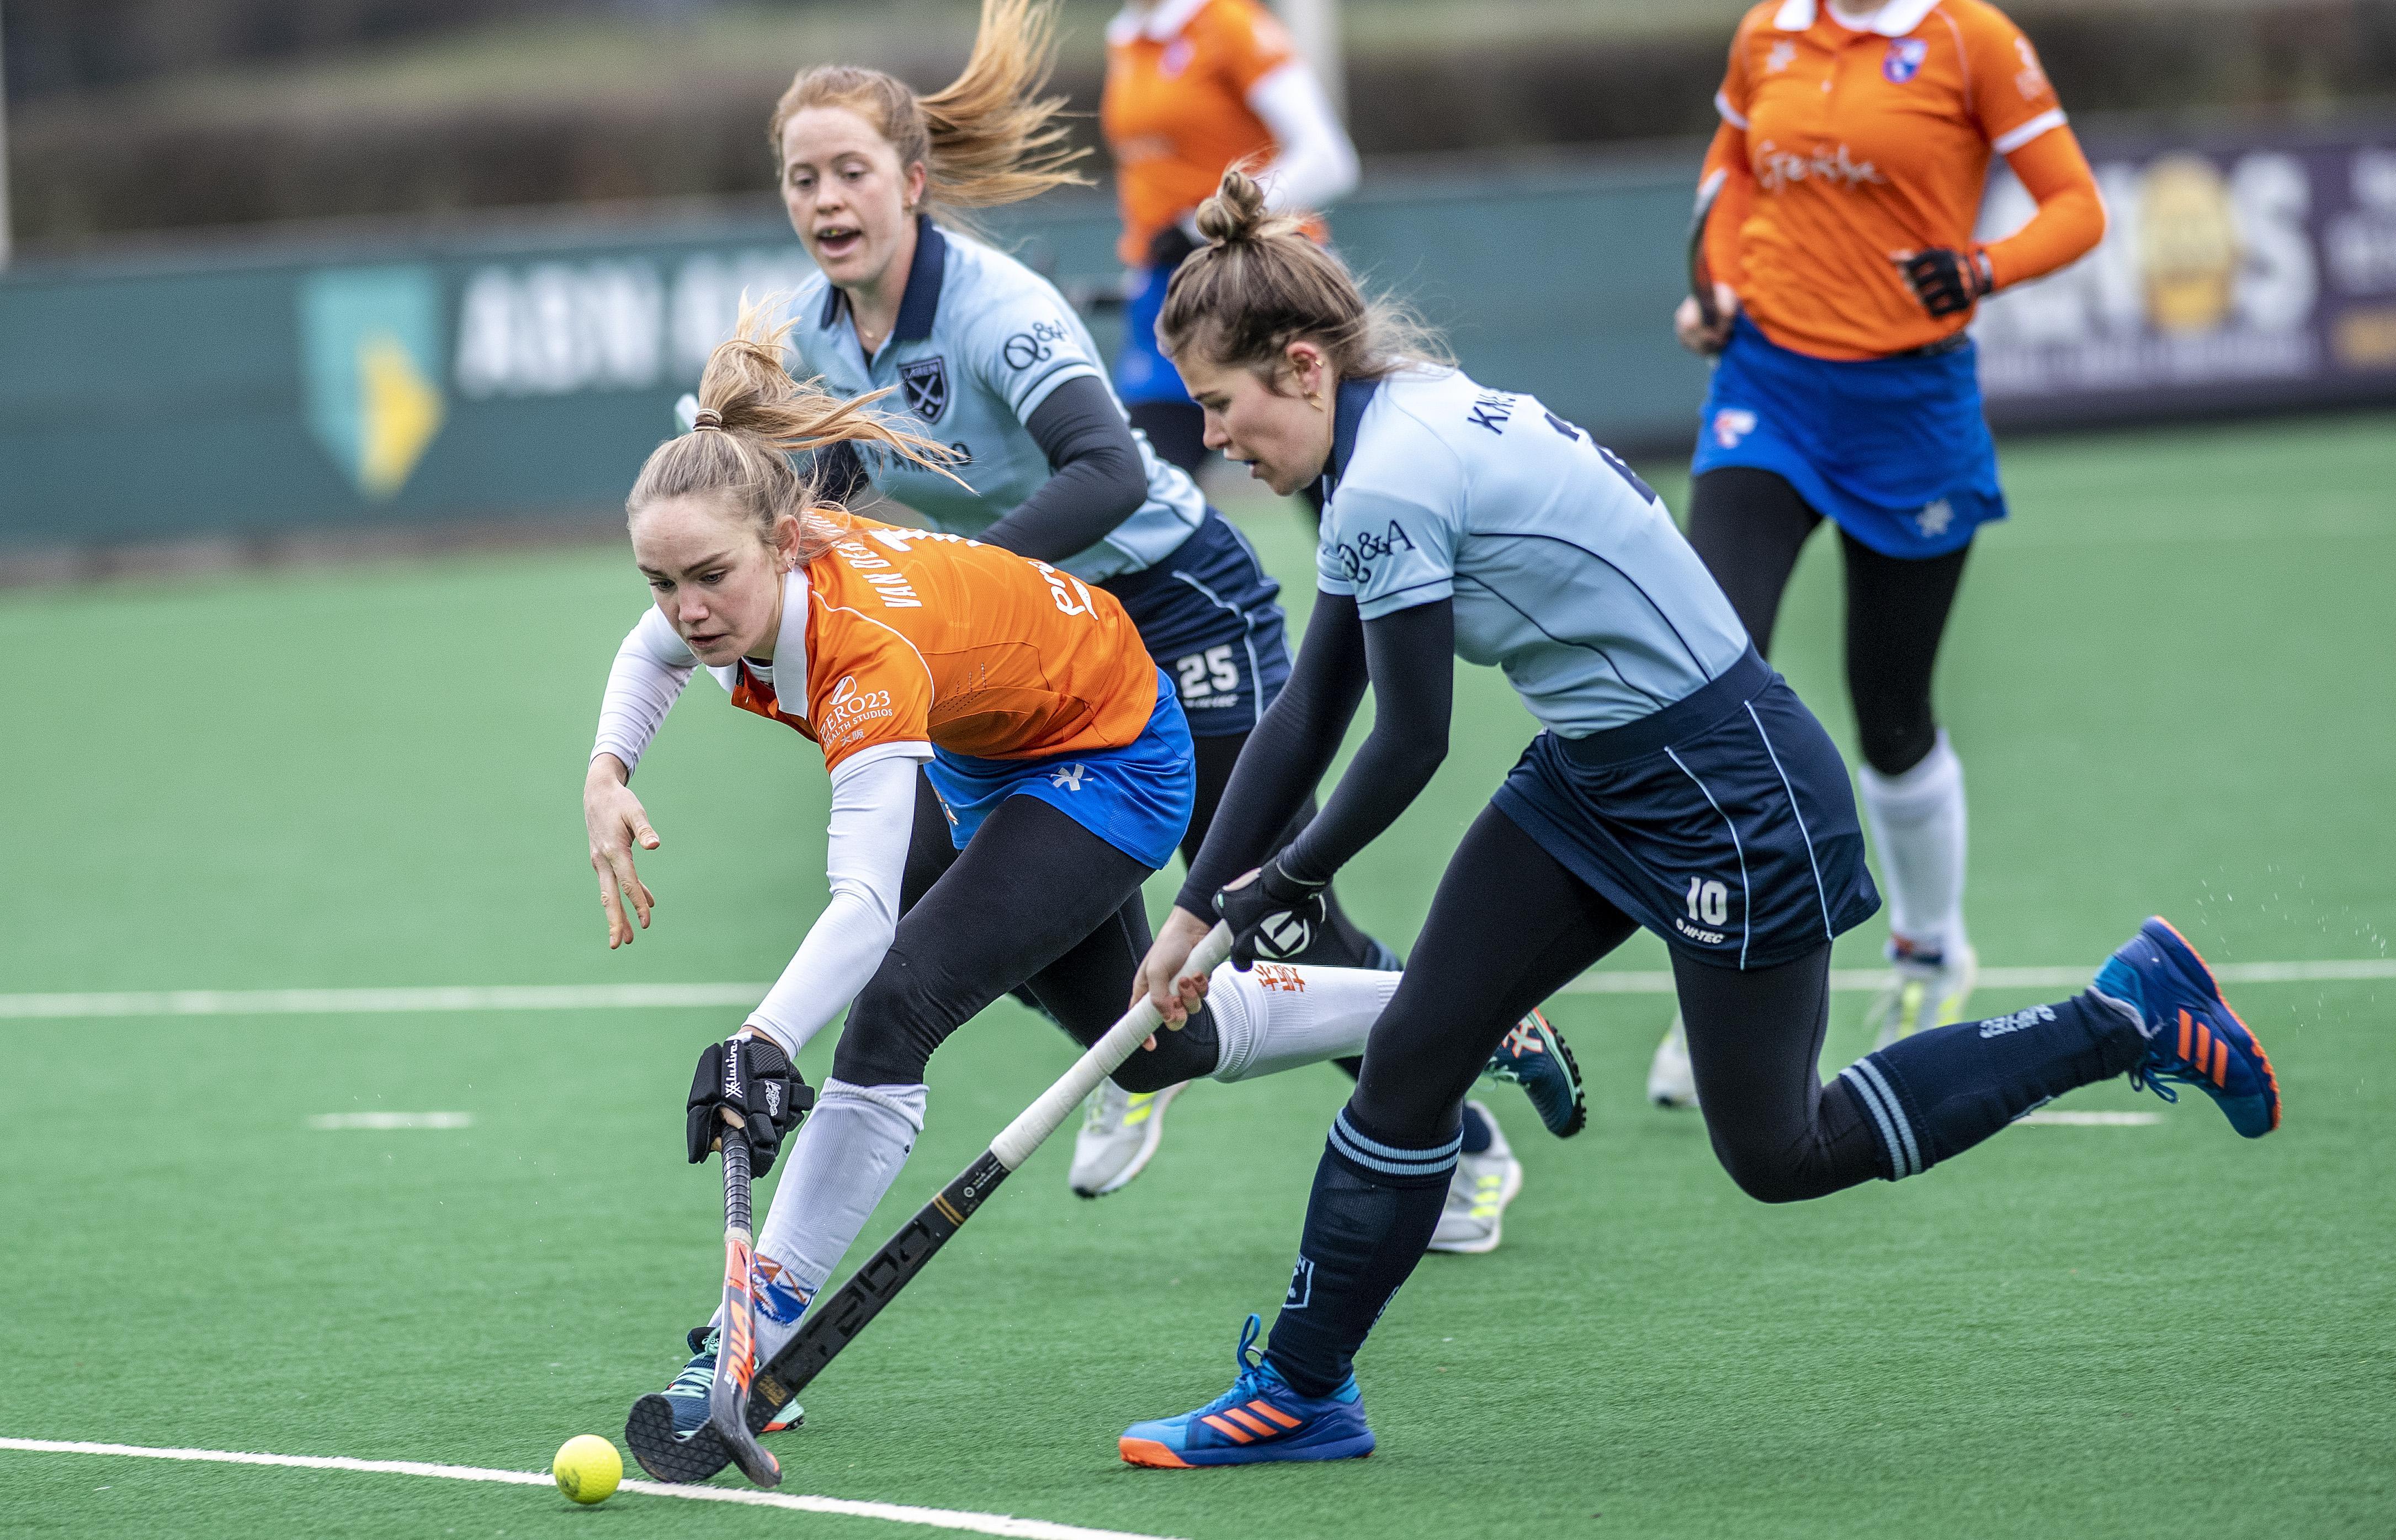 Hockeysters Laren spelen richting herstart hoofdklasse eerste wedstrijd in drie maanden: 'Toch best raar, terwijl de rest van de wereld zowat op slot zit'